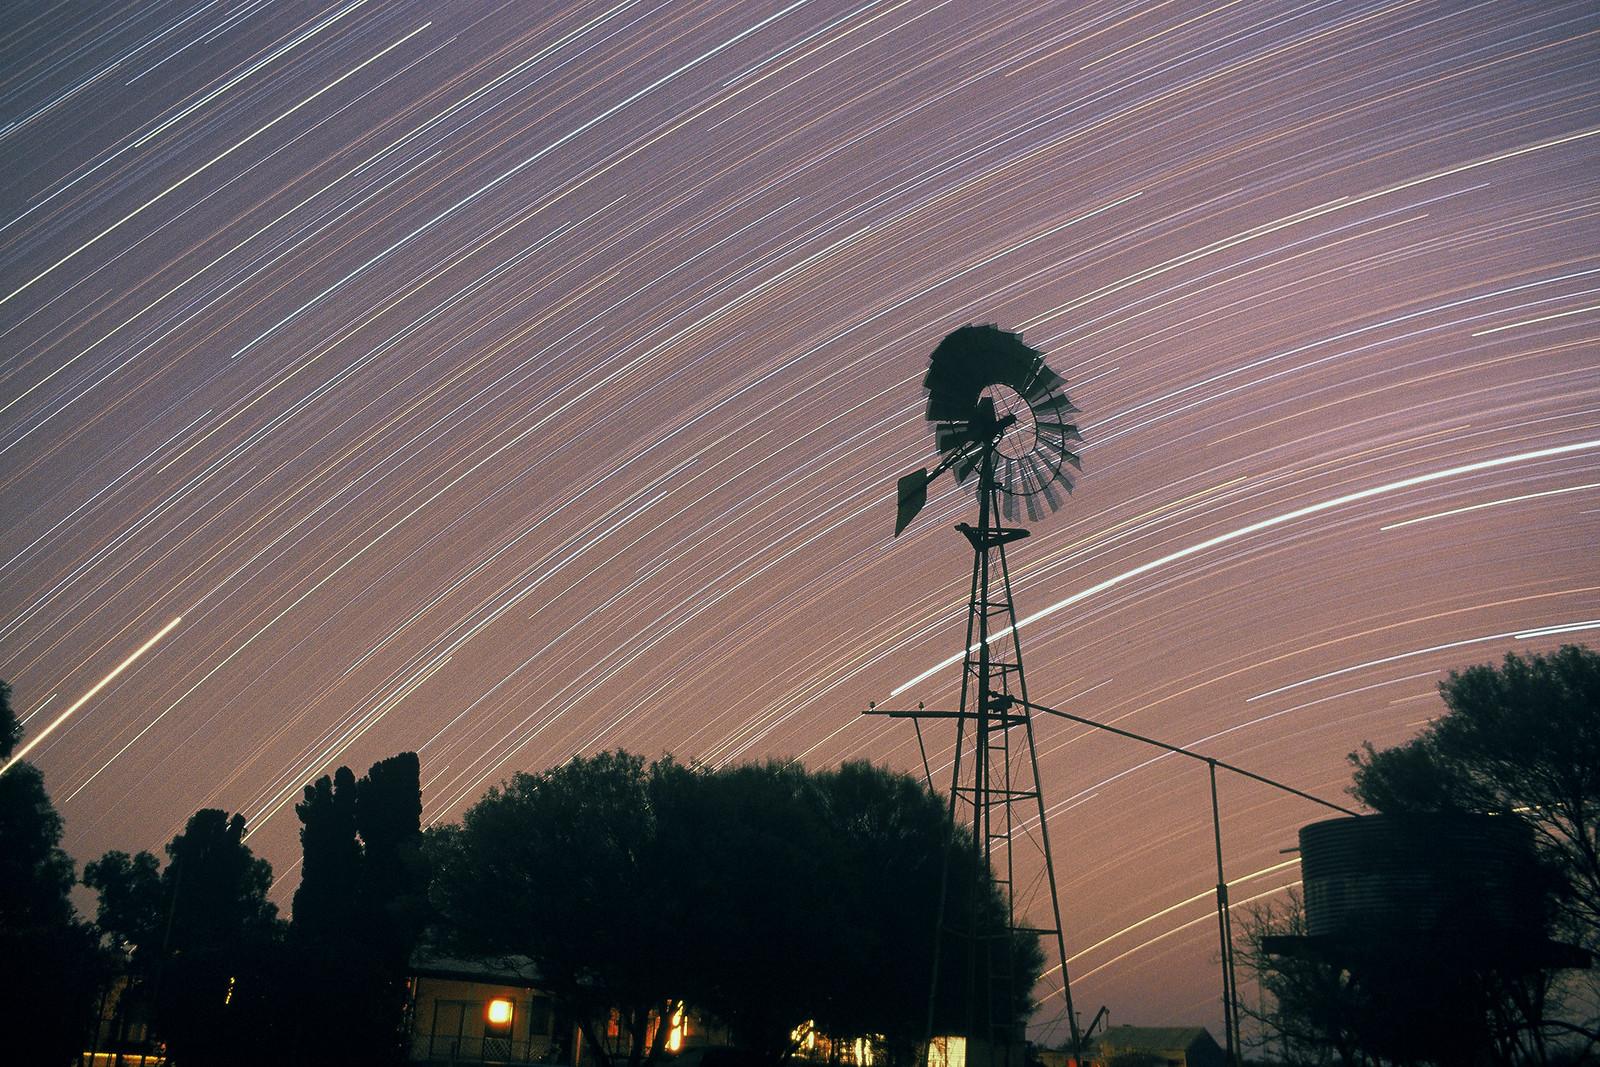 Stars' powered wind mill